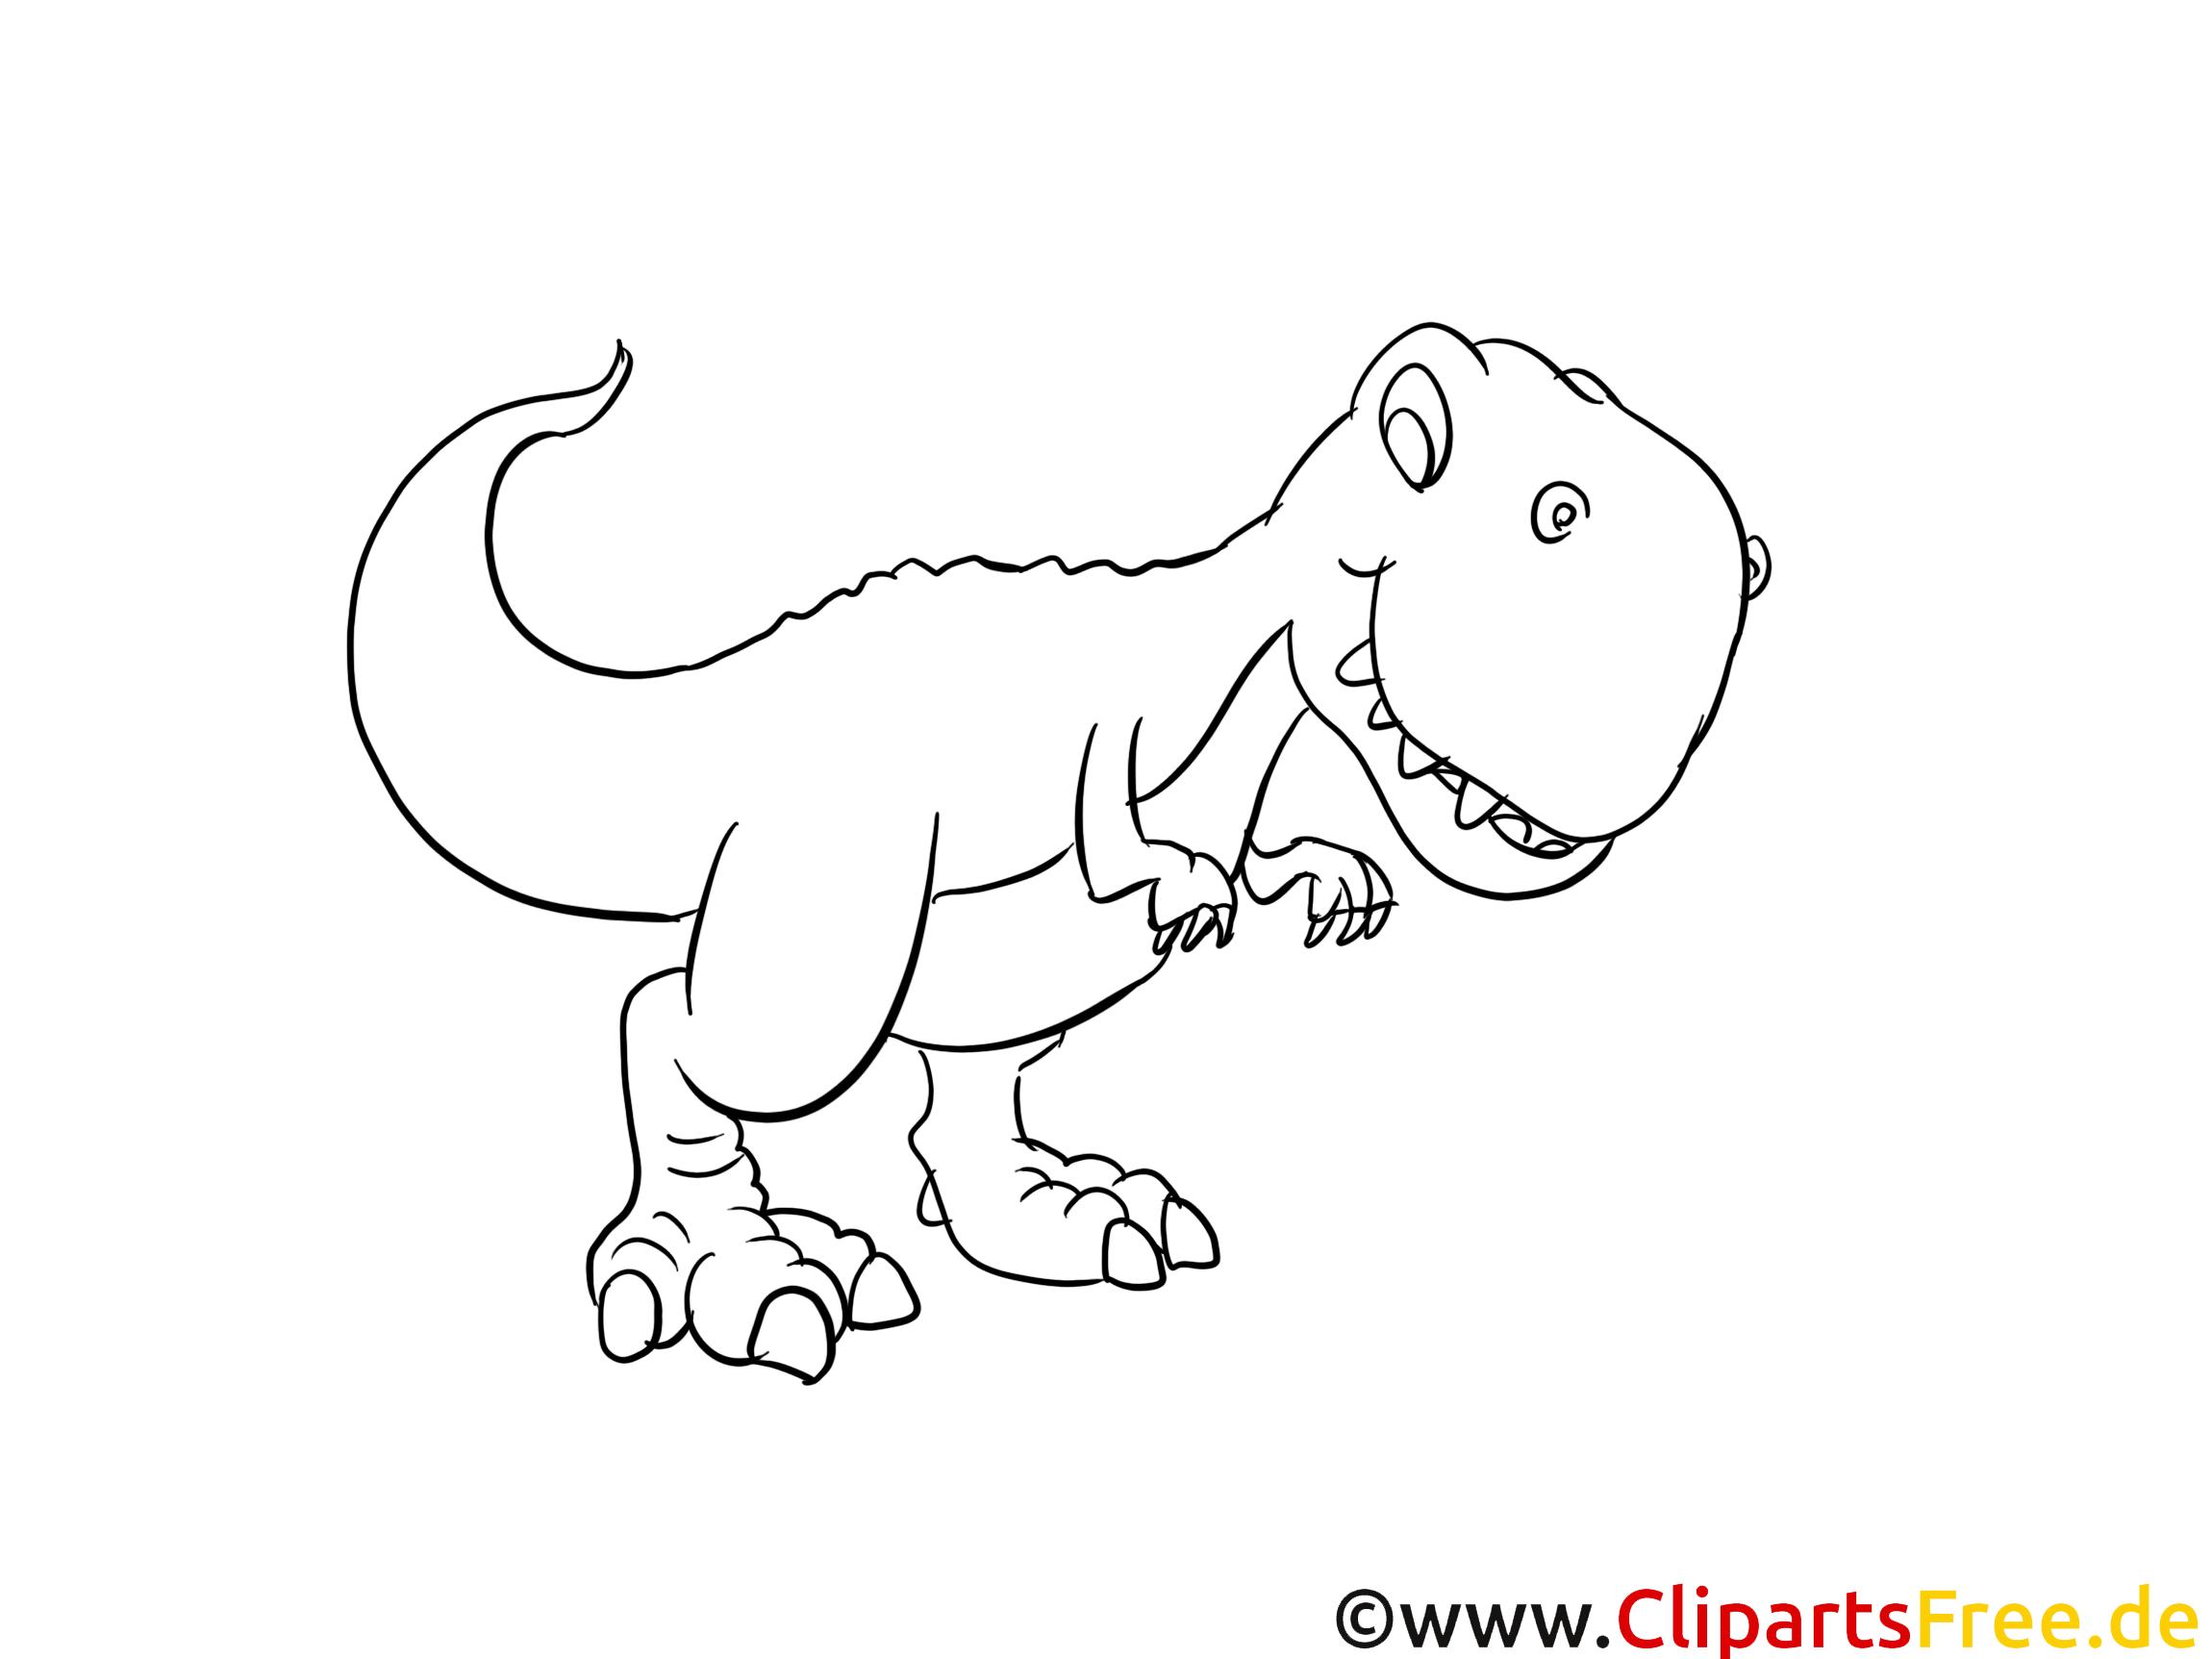 Wunderbar Ausmalbilder Dinosaurier Skelett Galerie Malvorlagen Von